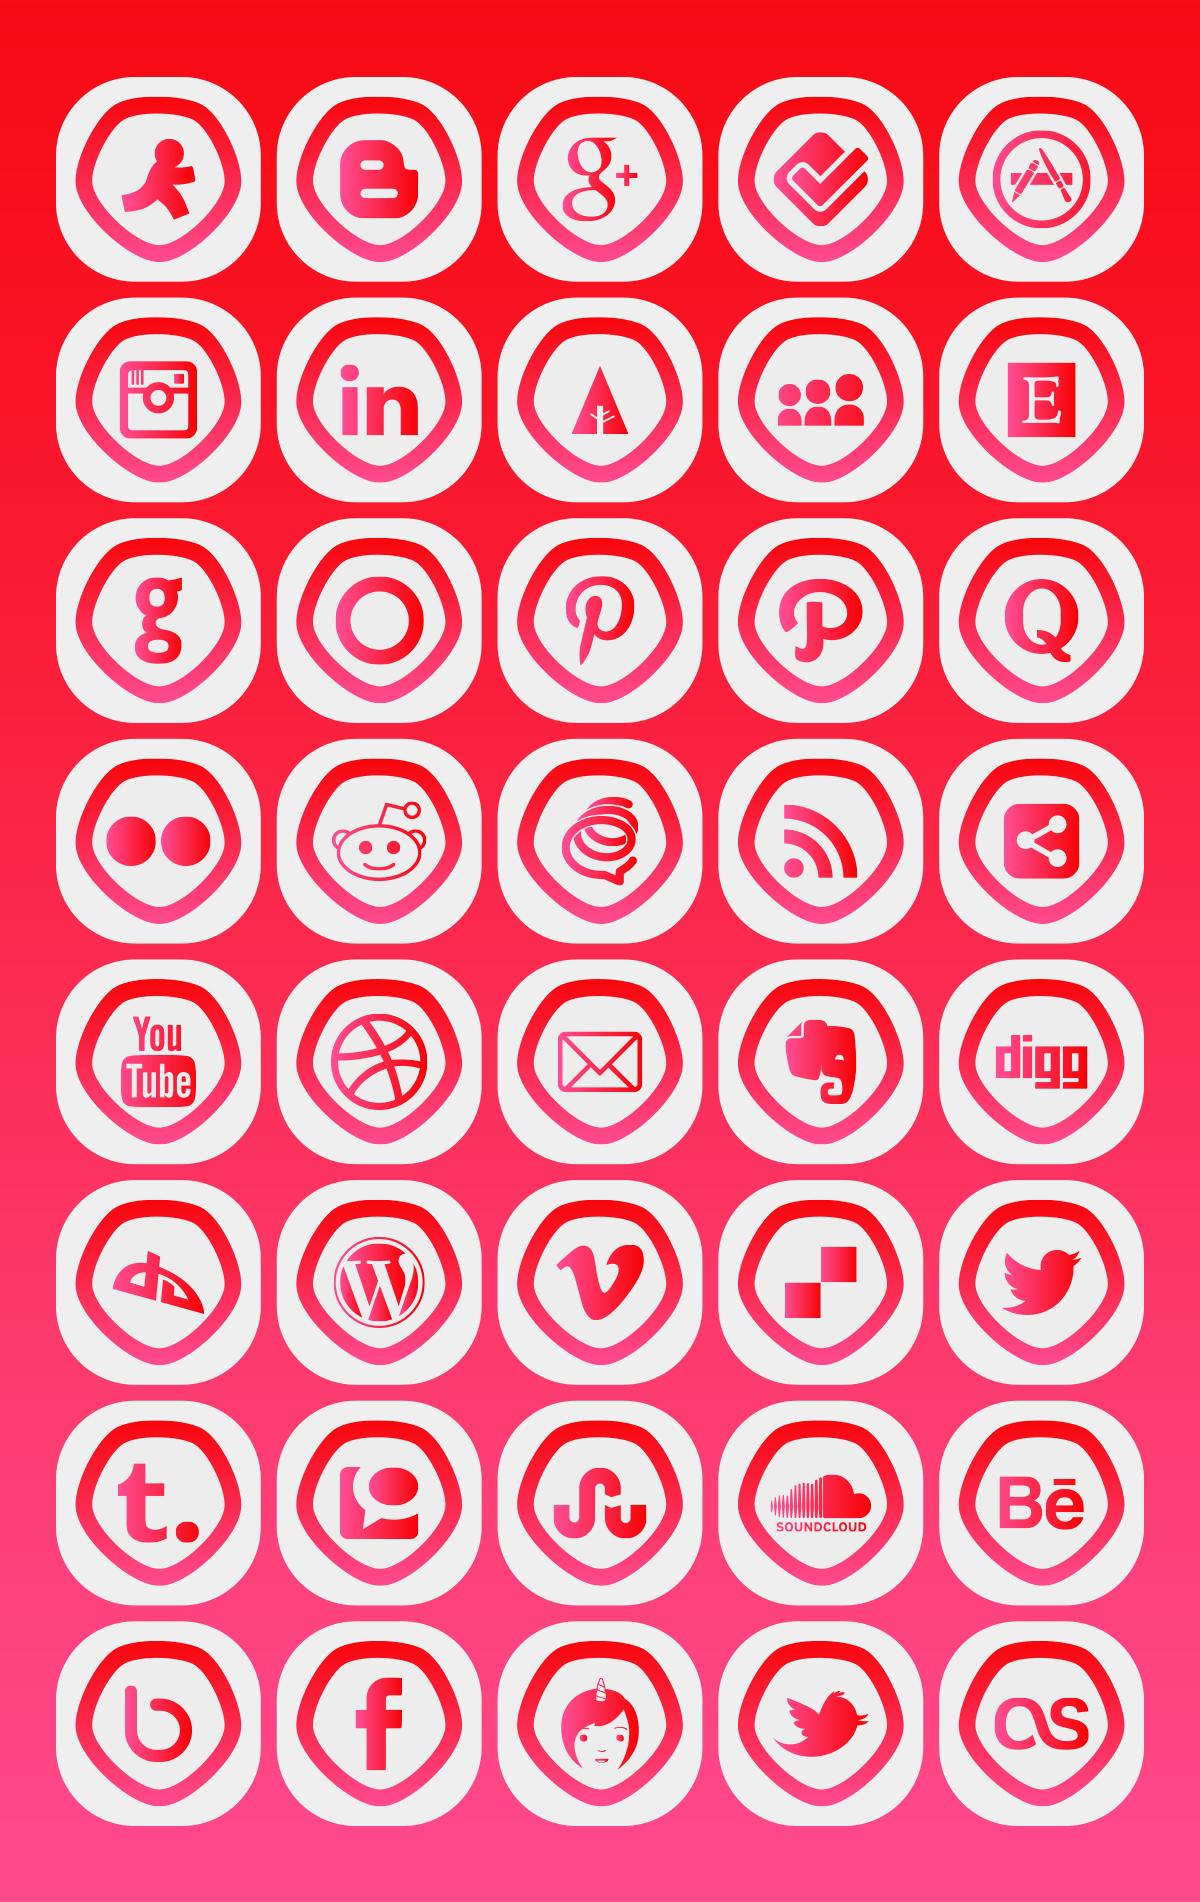 40 Icons mạng xã hội miễn phí